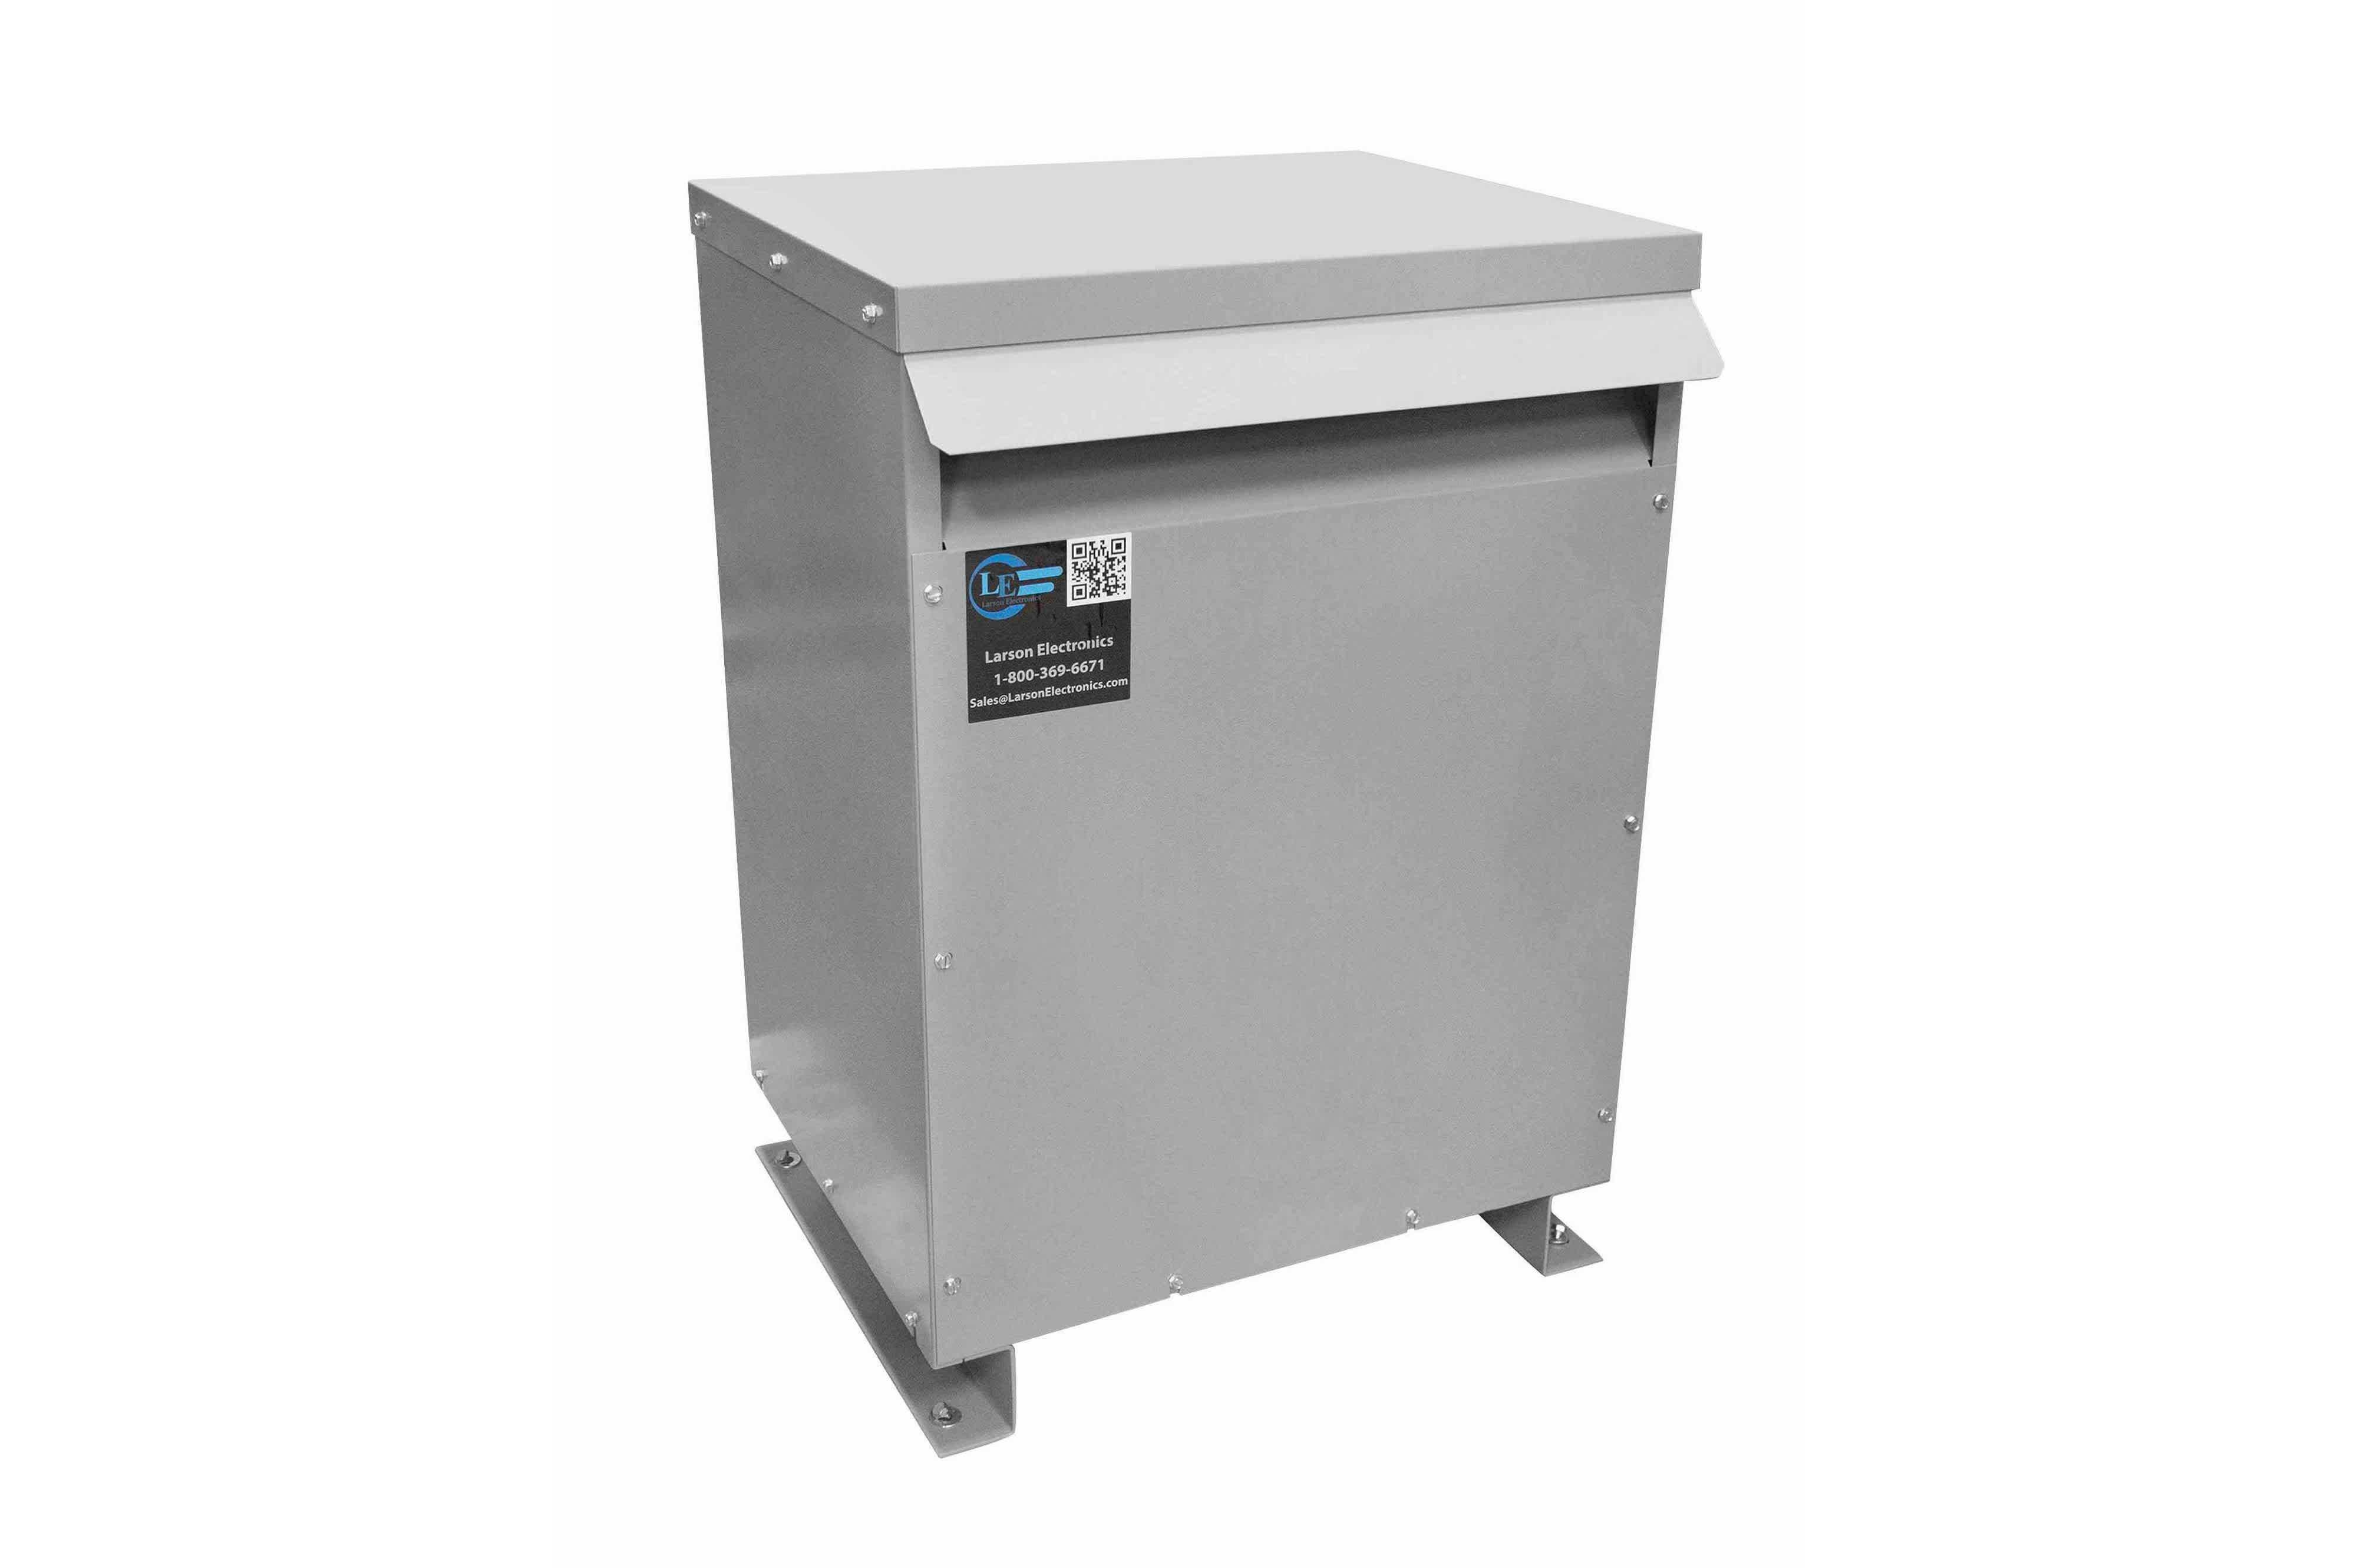 32.5 kVA 3PH Isolation Transformer, 440V Delta Primary, 240 Delta Secondary, N3R, Ventilated, 60 Hz